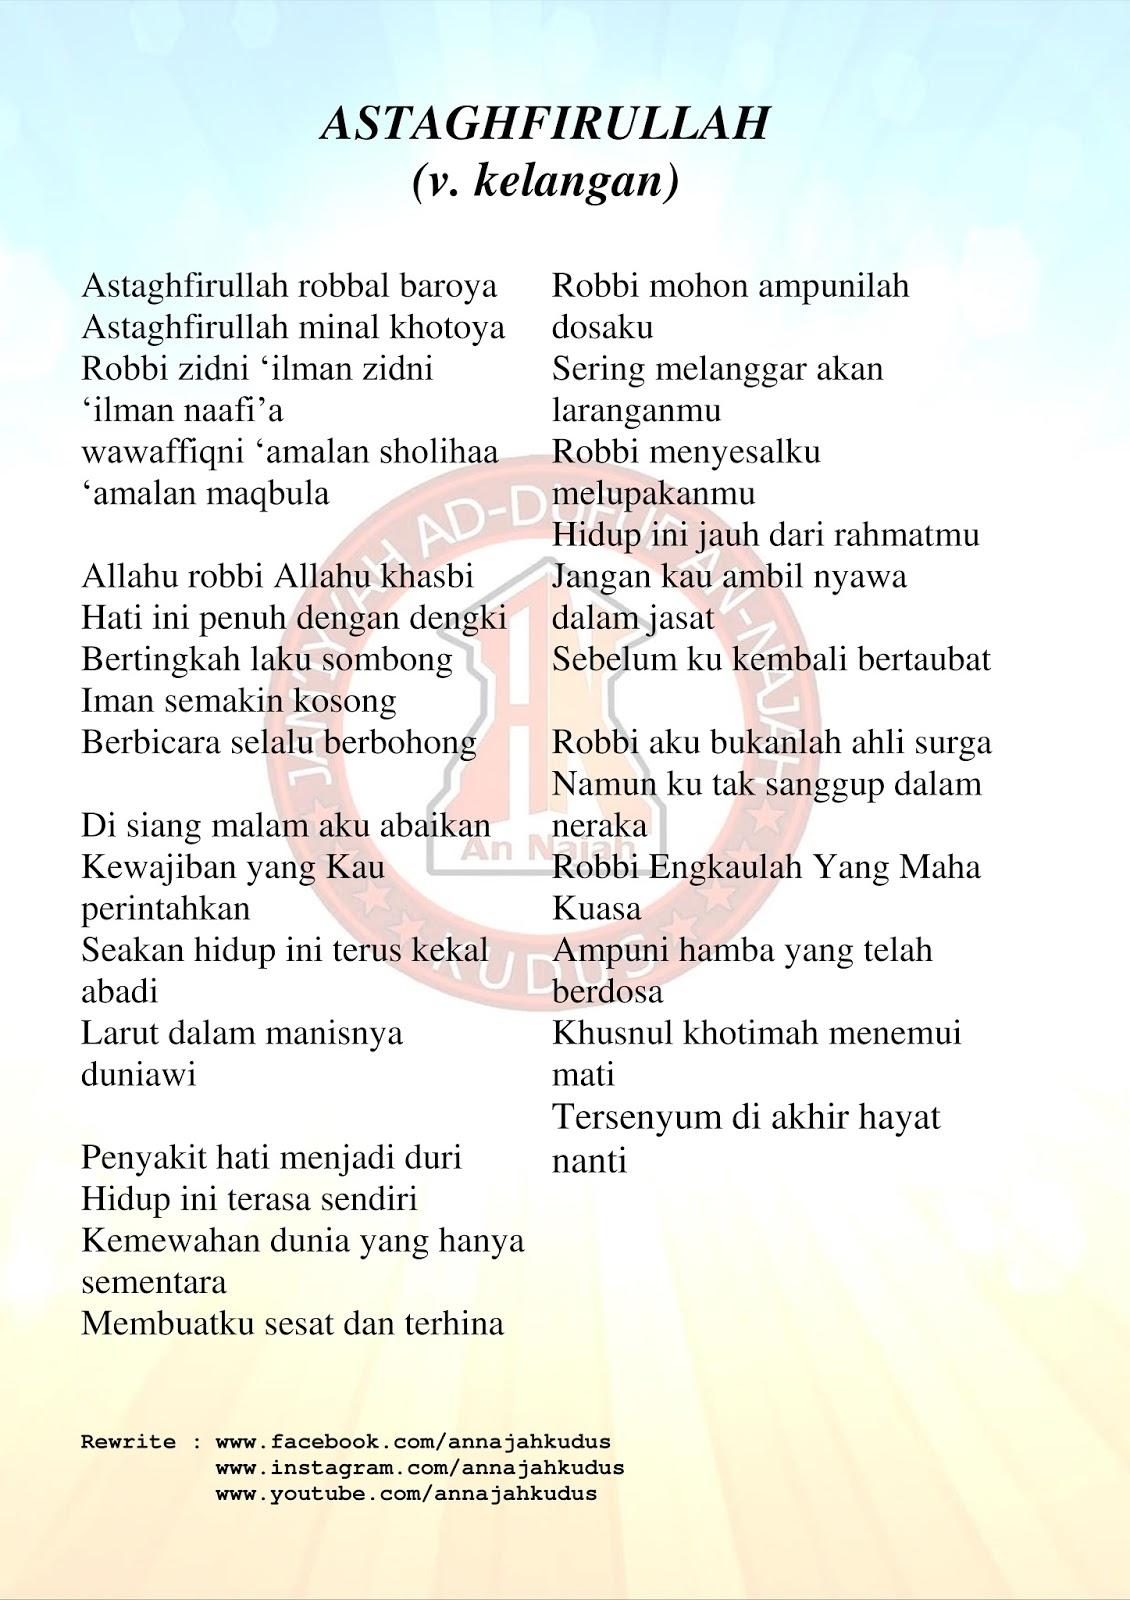 Lirik Sholawat Astagfirullah : lirik, sholawat, astagfirullah, ASTAGHFIRULLAH, Kelangan), NAJAH, KUDUS